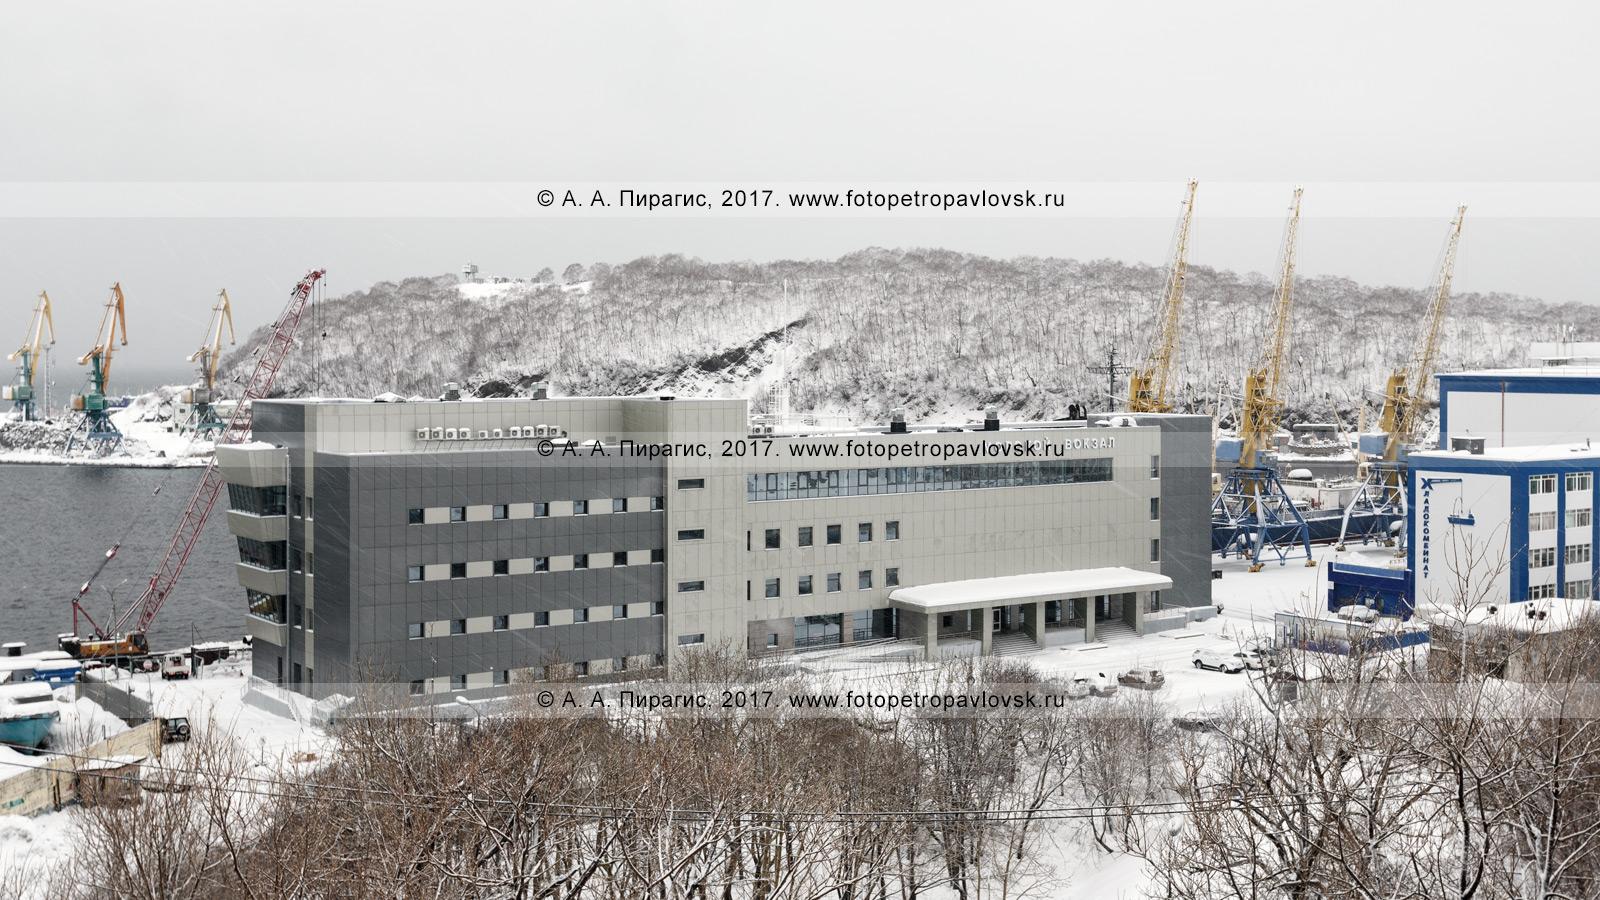 Фотография: здание нового морского вокзала в Петропавловск-Камчатском морском торговом порту в столице Камчатского края